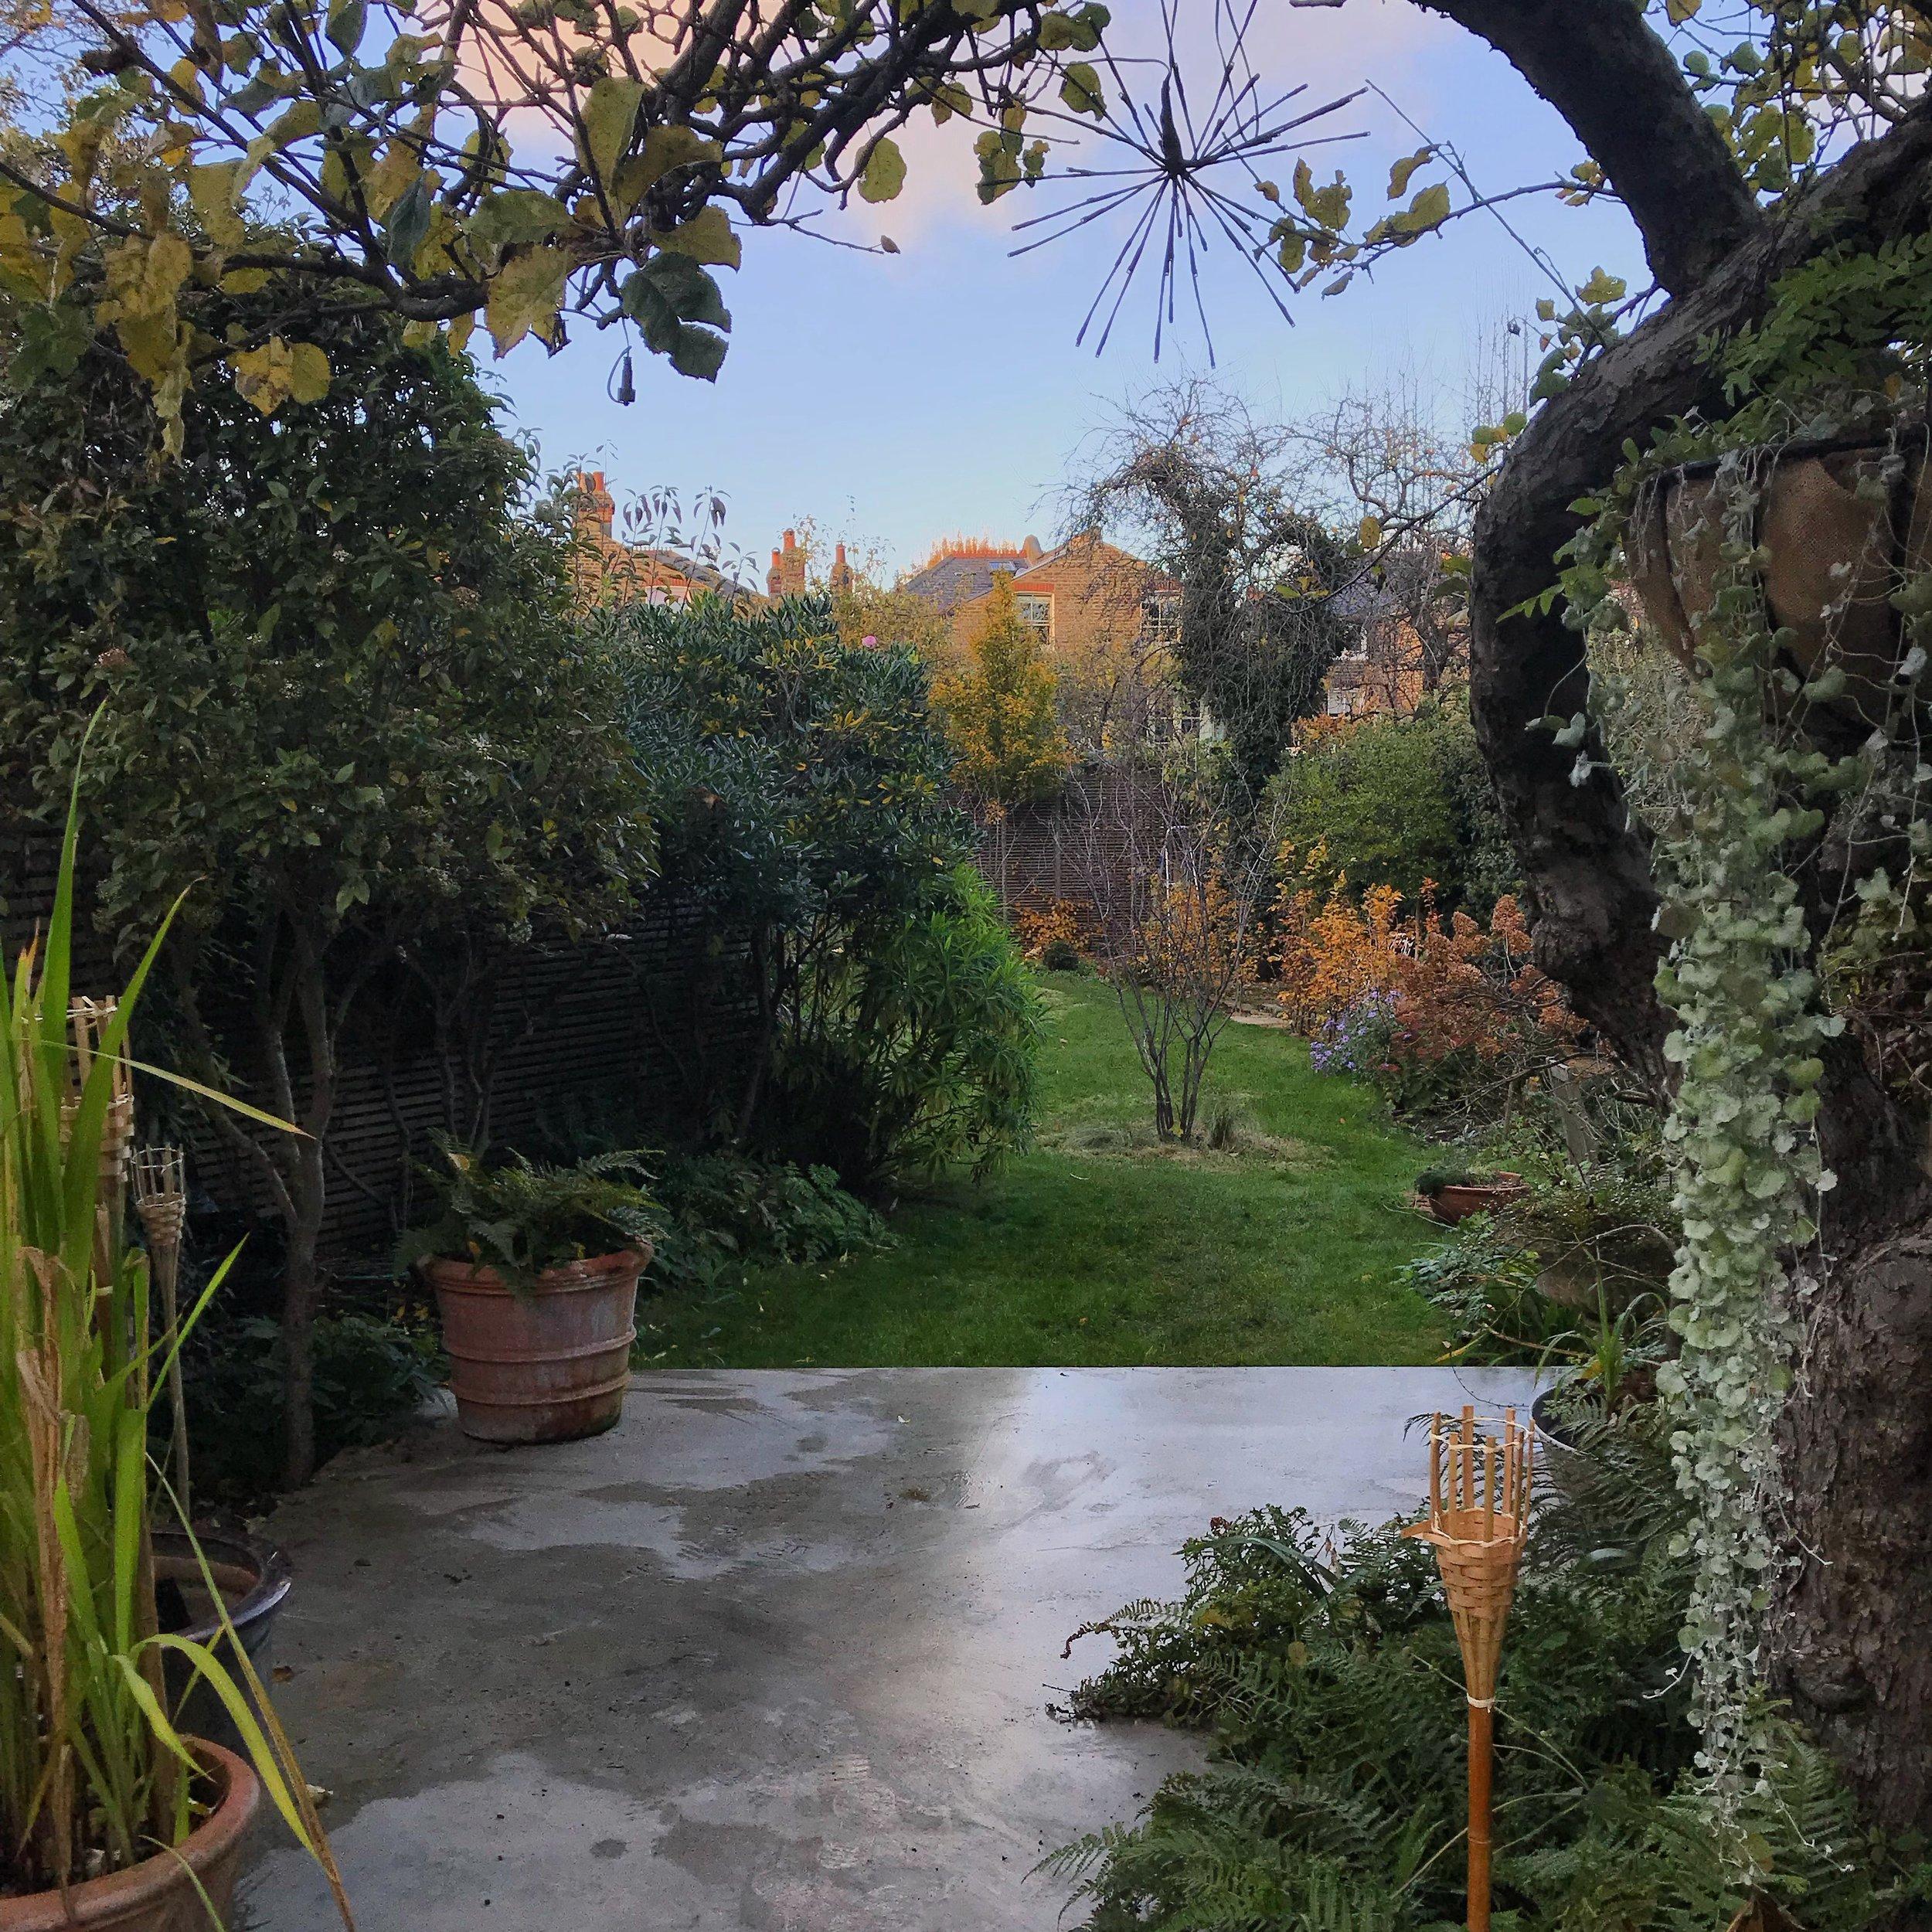 My Five Minute Garden, November 2018